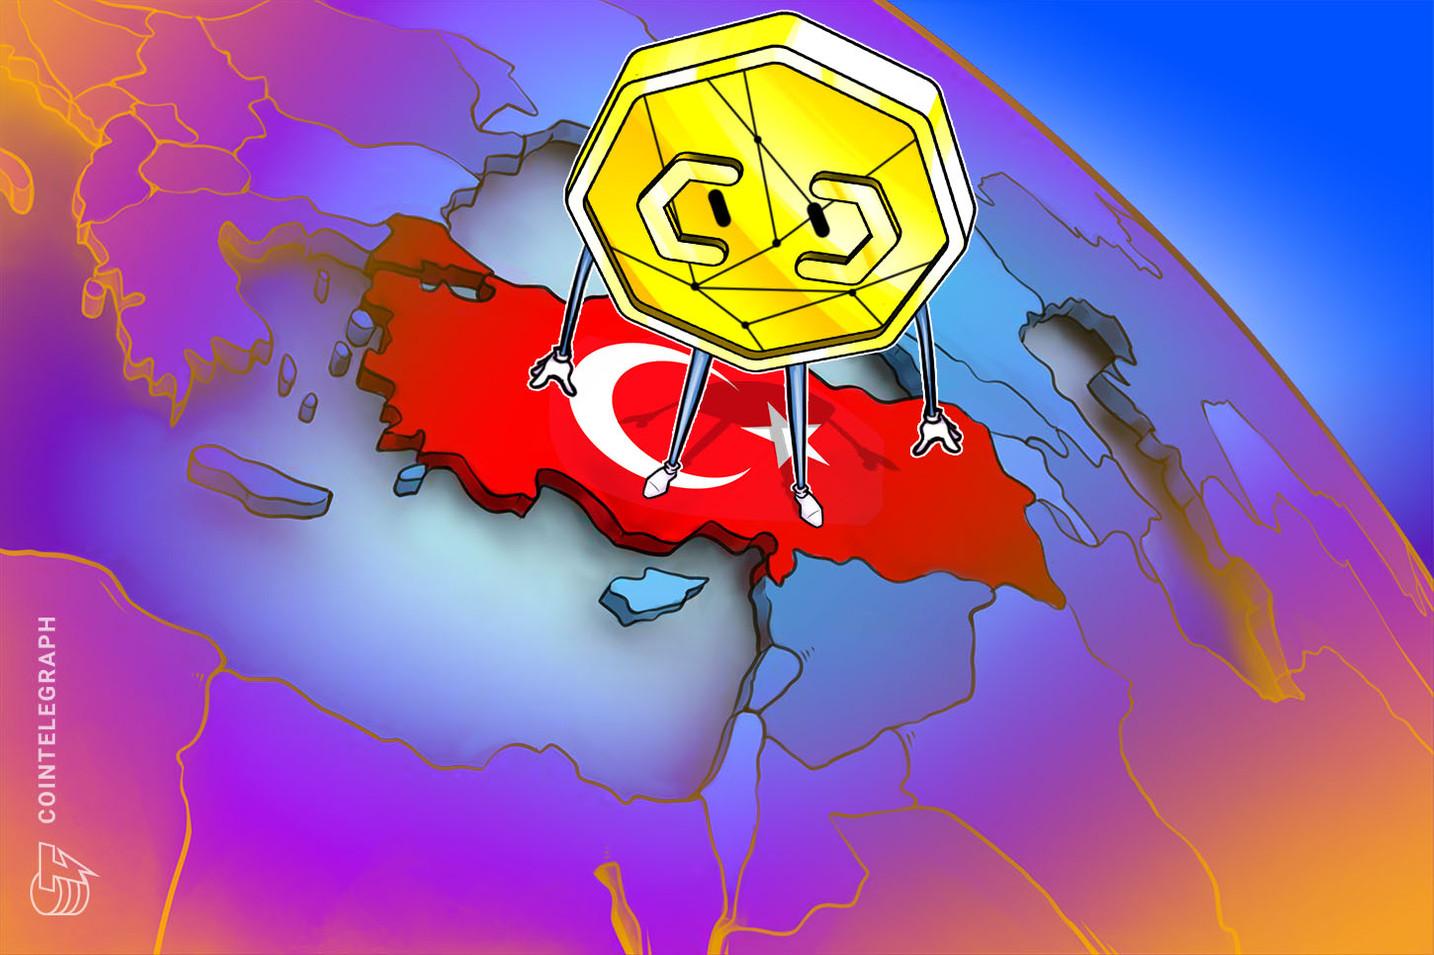 トルコは仮想通貨業界のリーダーか? 新たな調査で疑問符